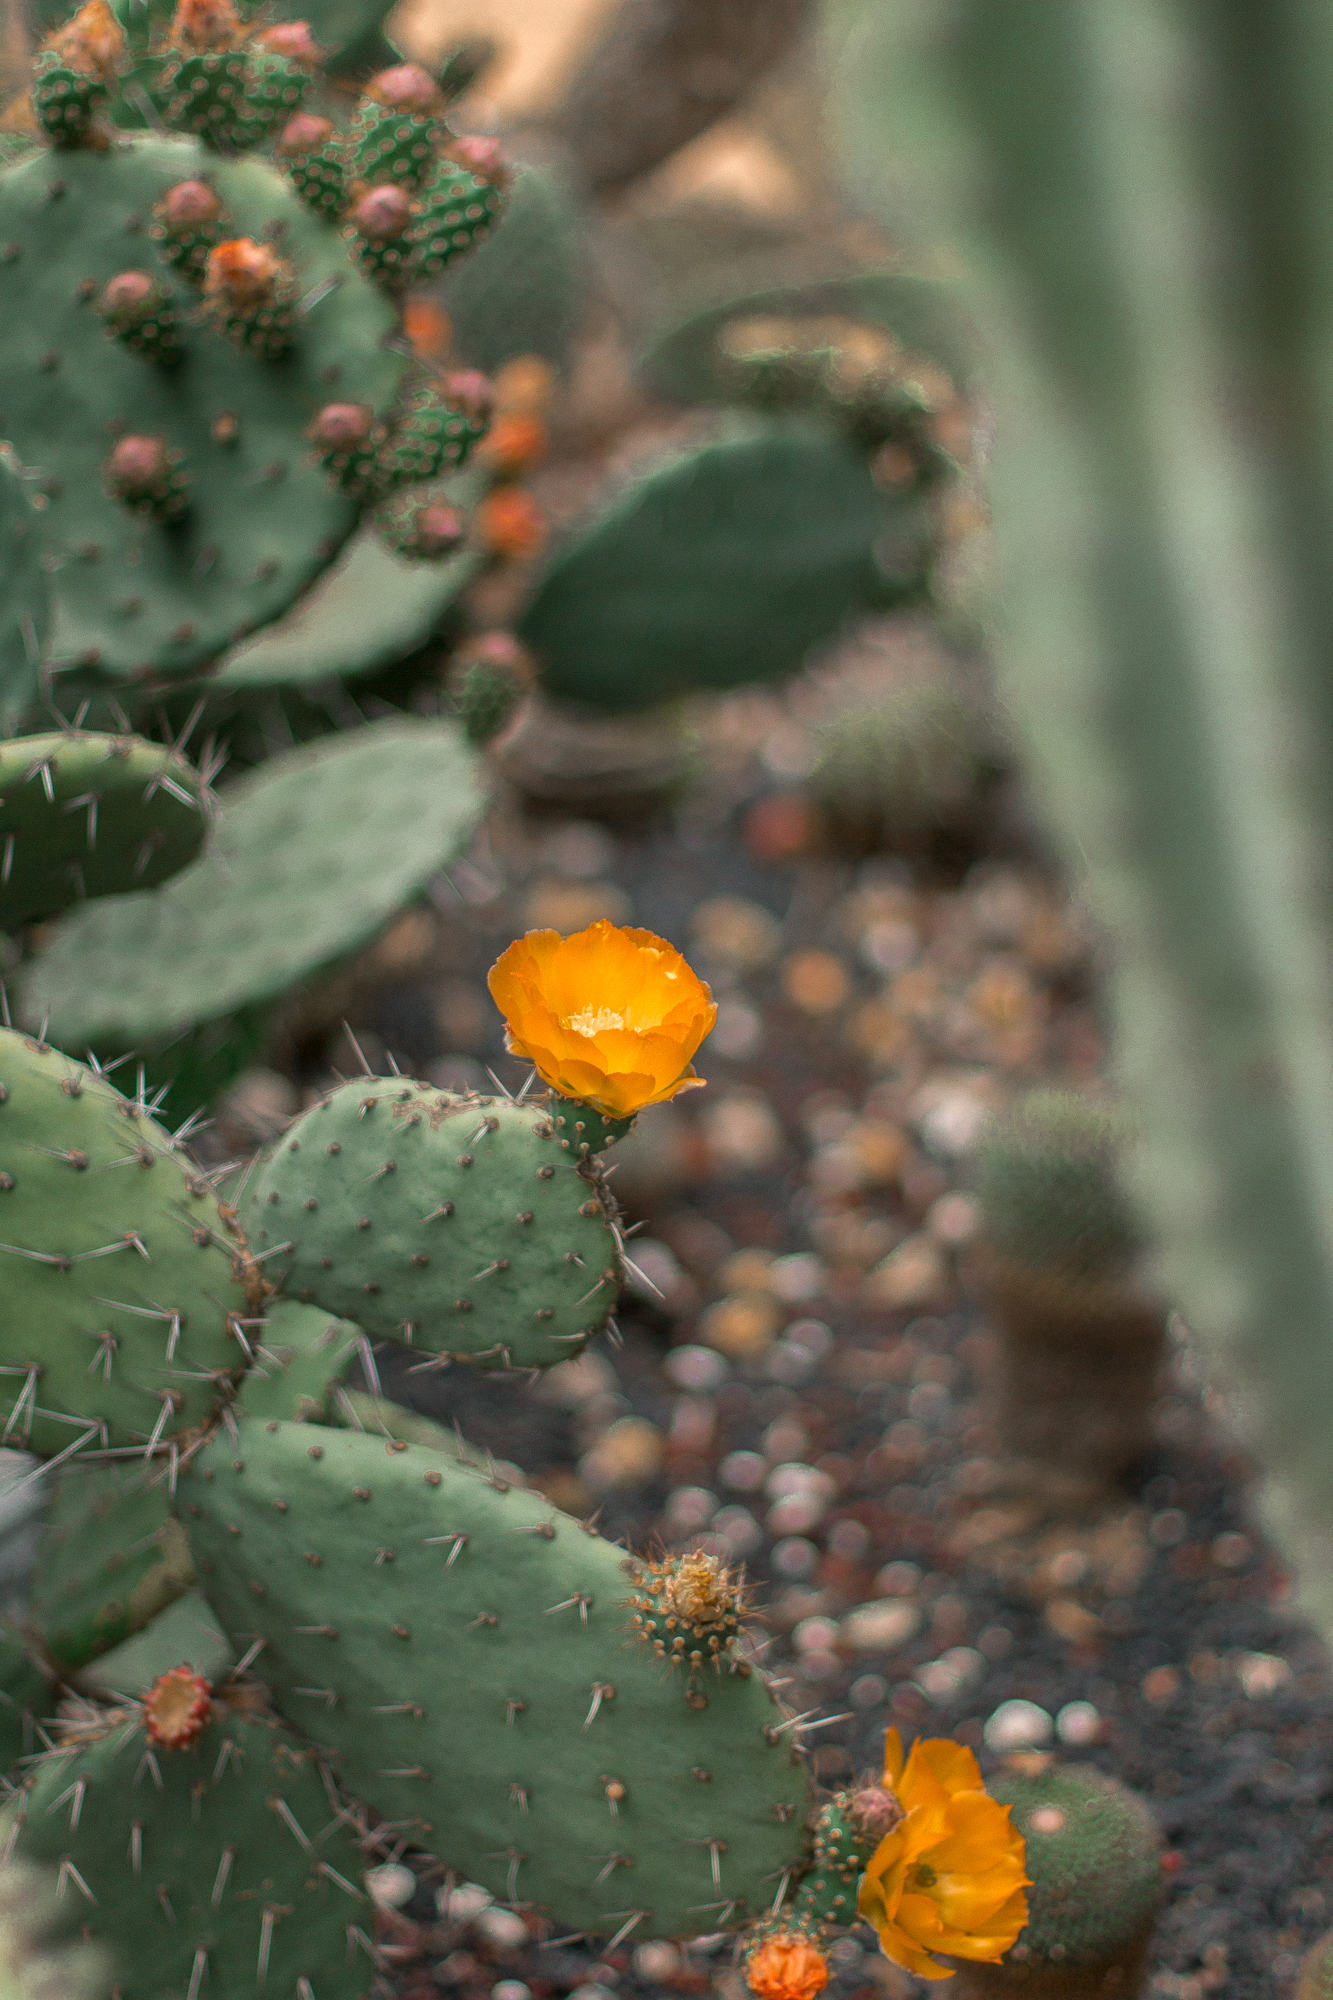 la arboretum cactus